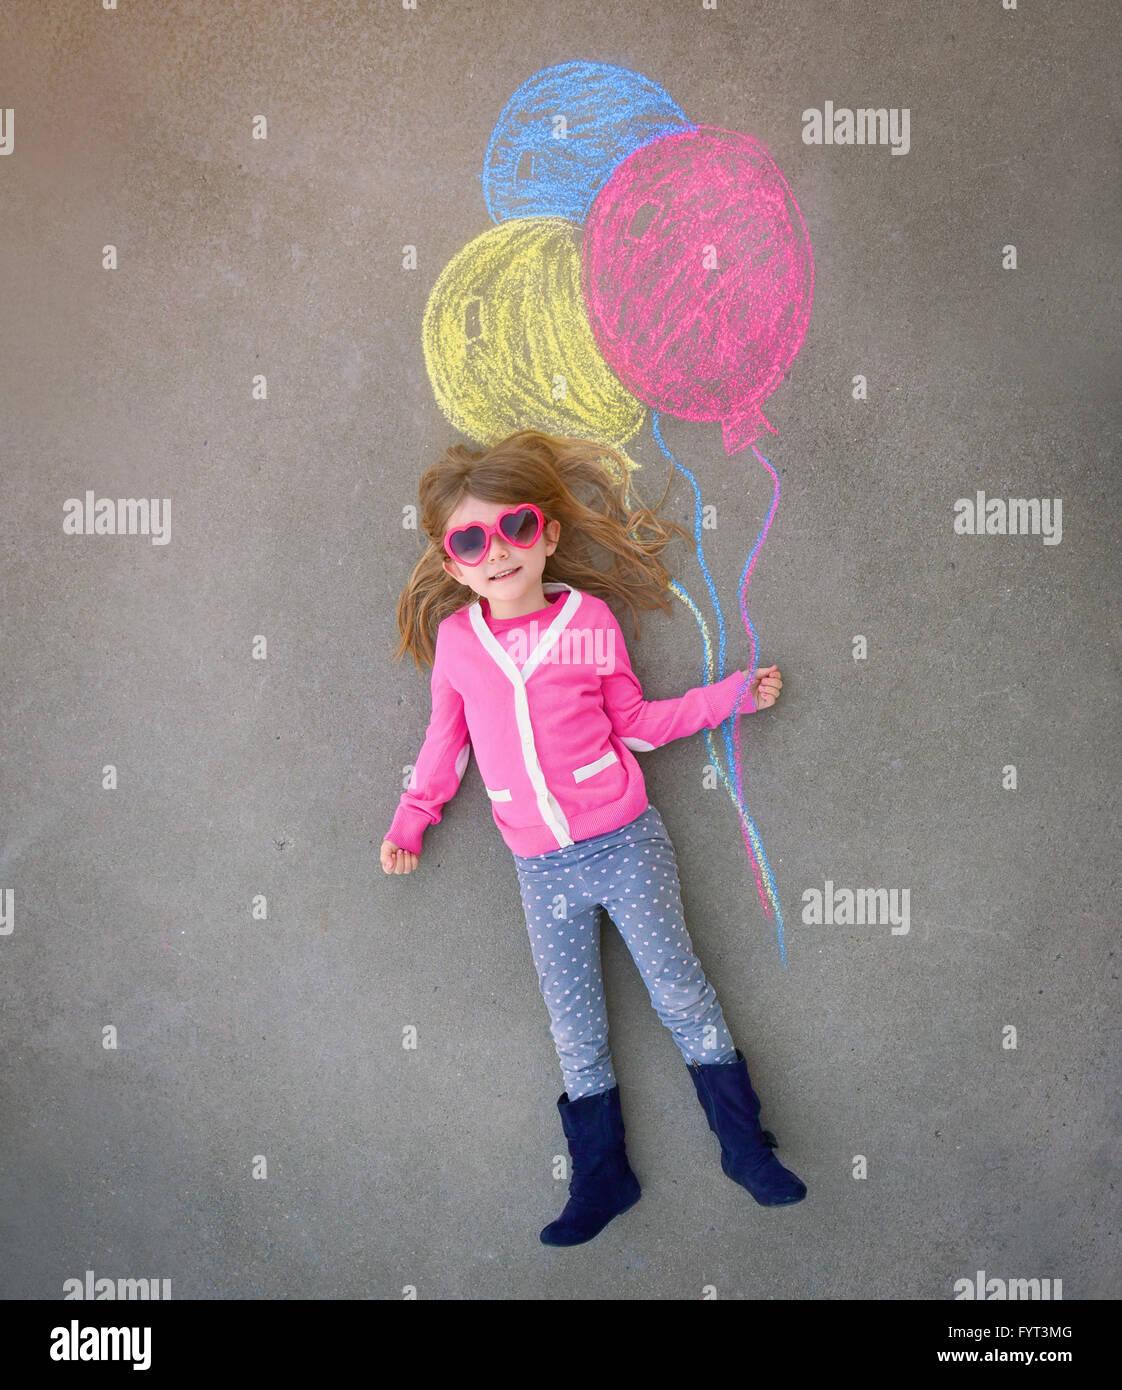 Ein kleines Mädchen mit Sonnenbrille hält kreative Kreide Ballons gezeichnet auf dem Bürgersteig Stockbild